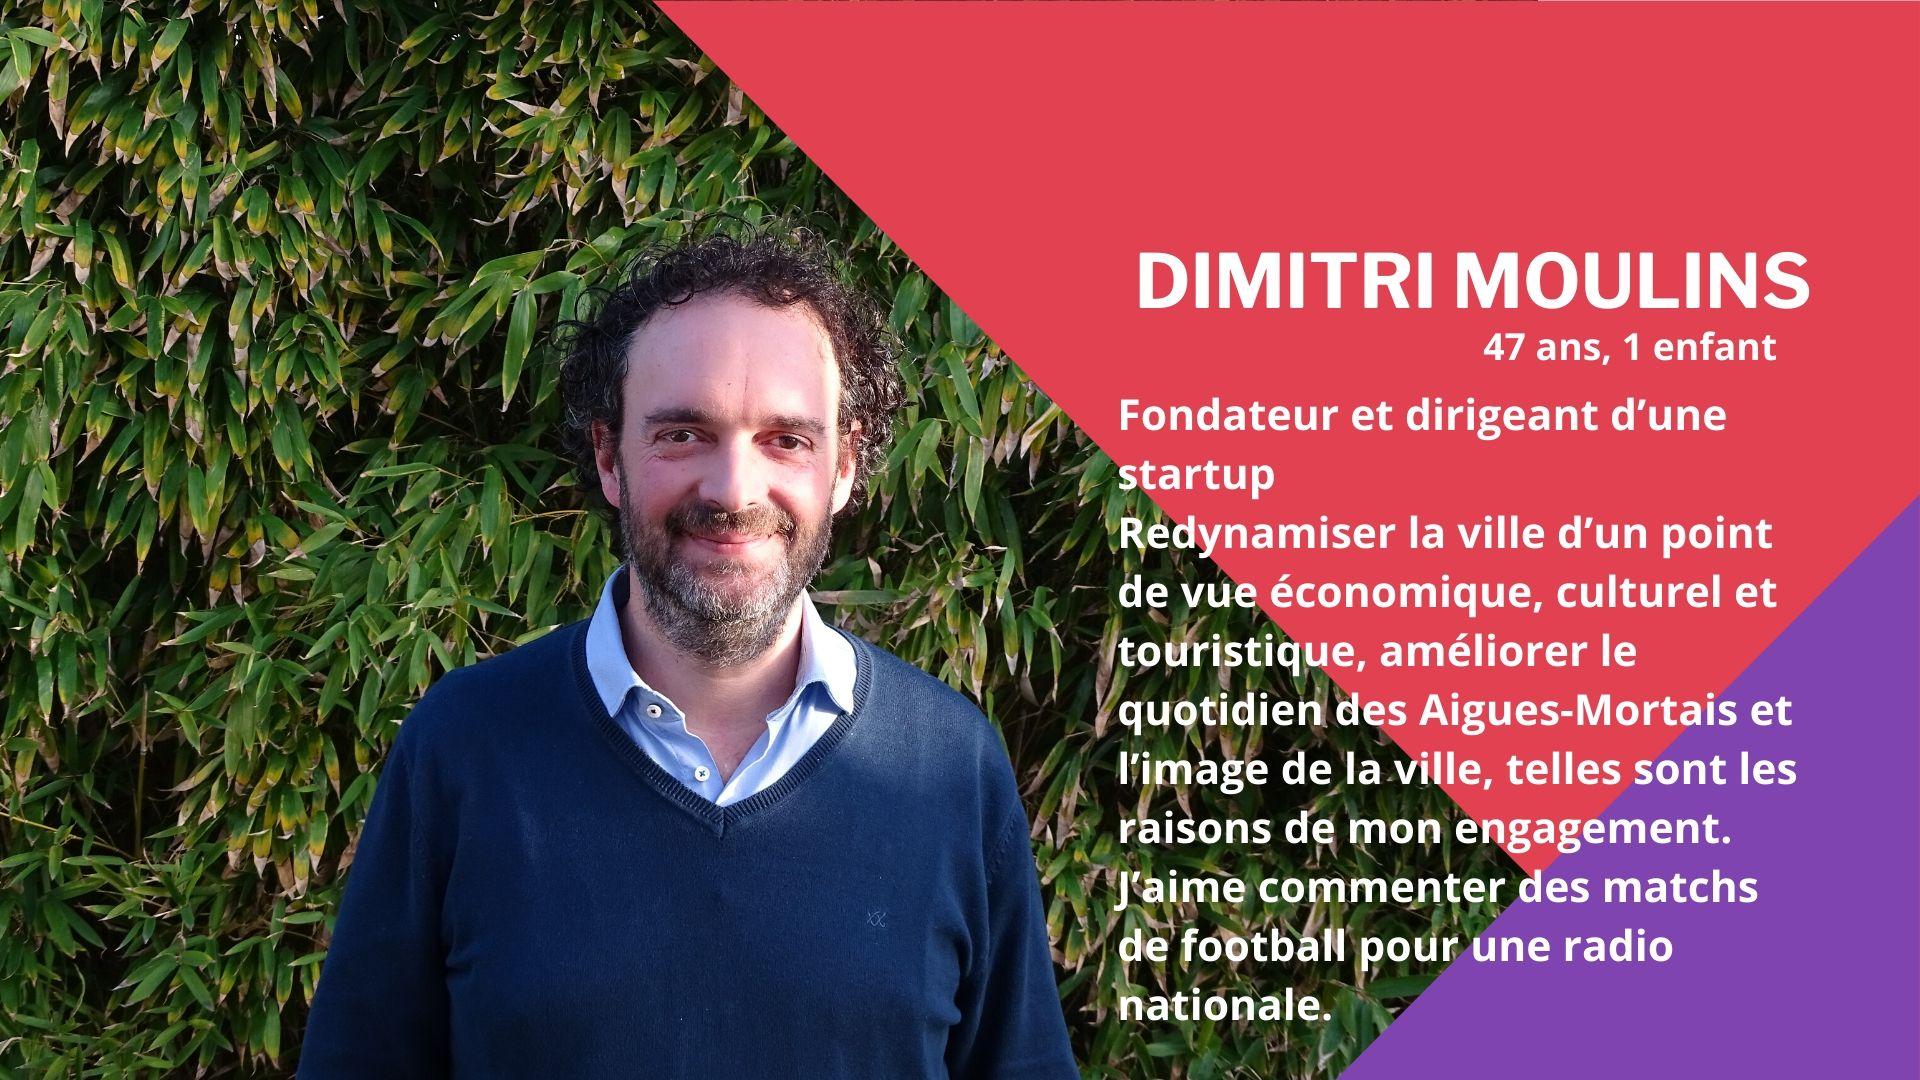 Le Revivre - Dimitri Moulins